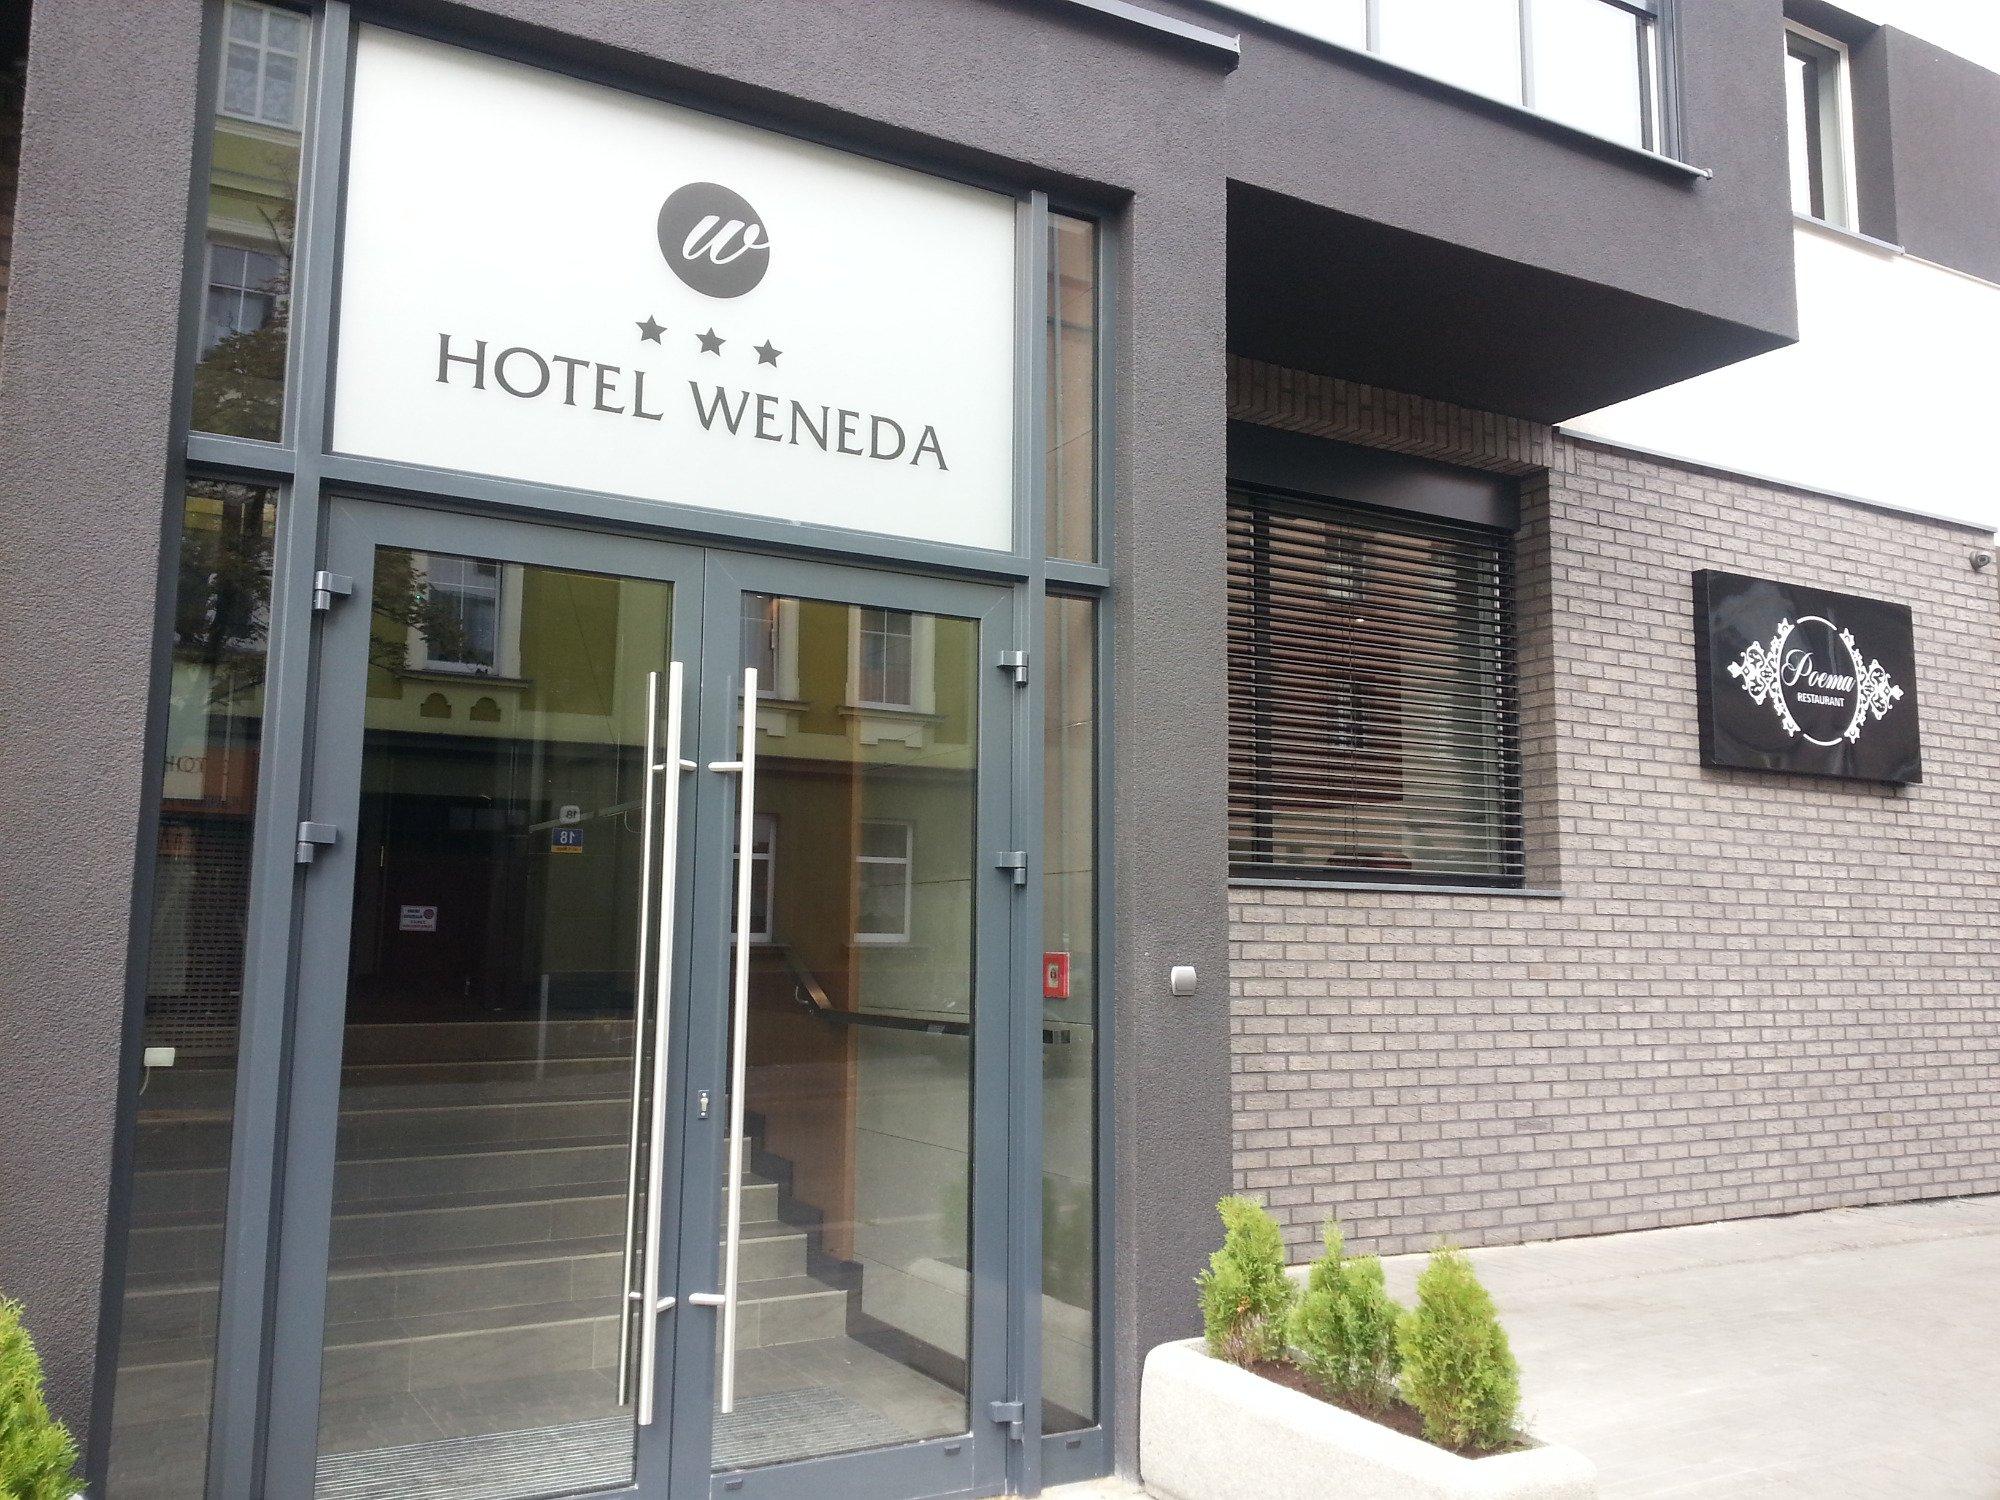 Weneda Hotel